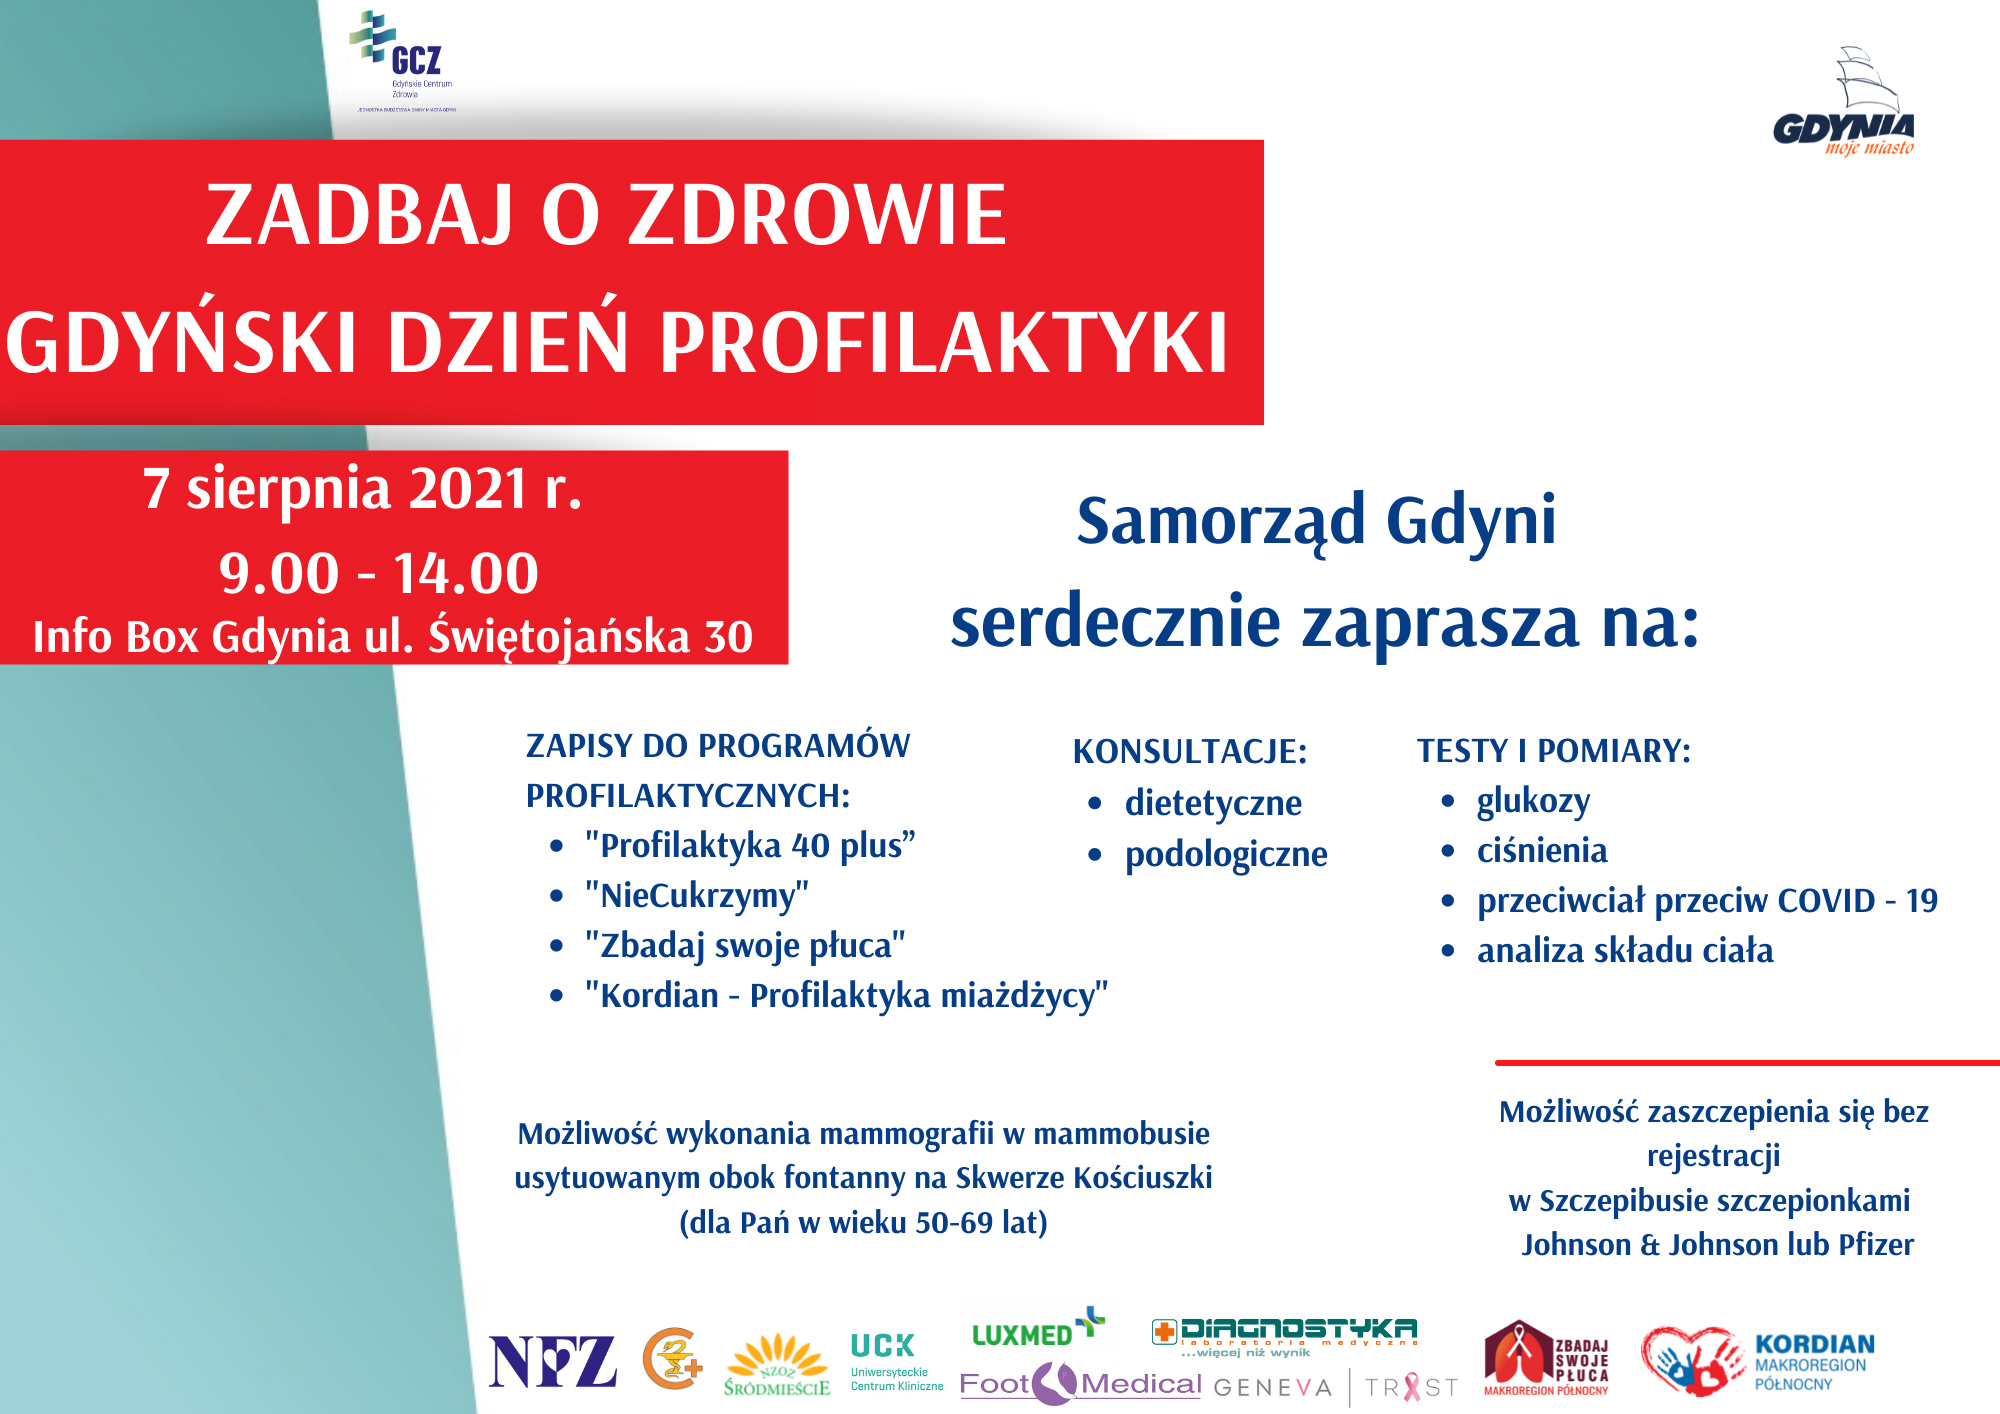 plakat Gdyński Dzień Profilaktyki na BIS